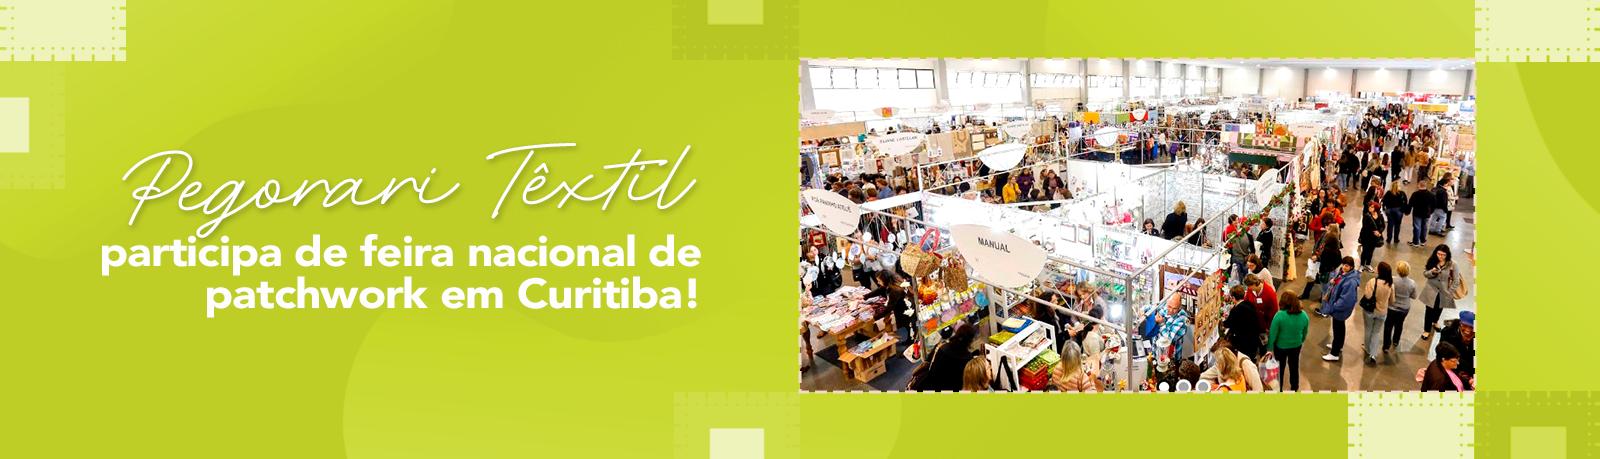 Pegorari Têxtil participa de feira nacional de patchwork em Curitiba